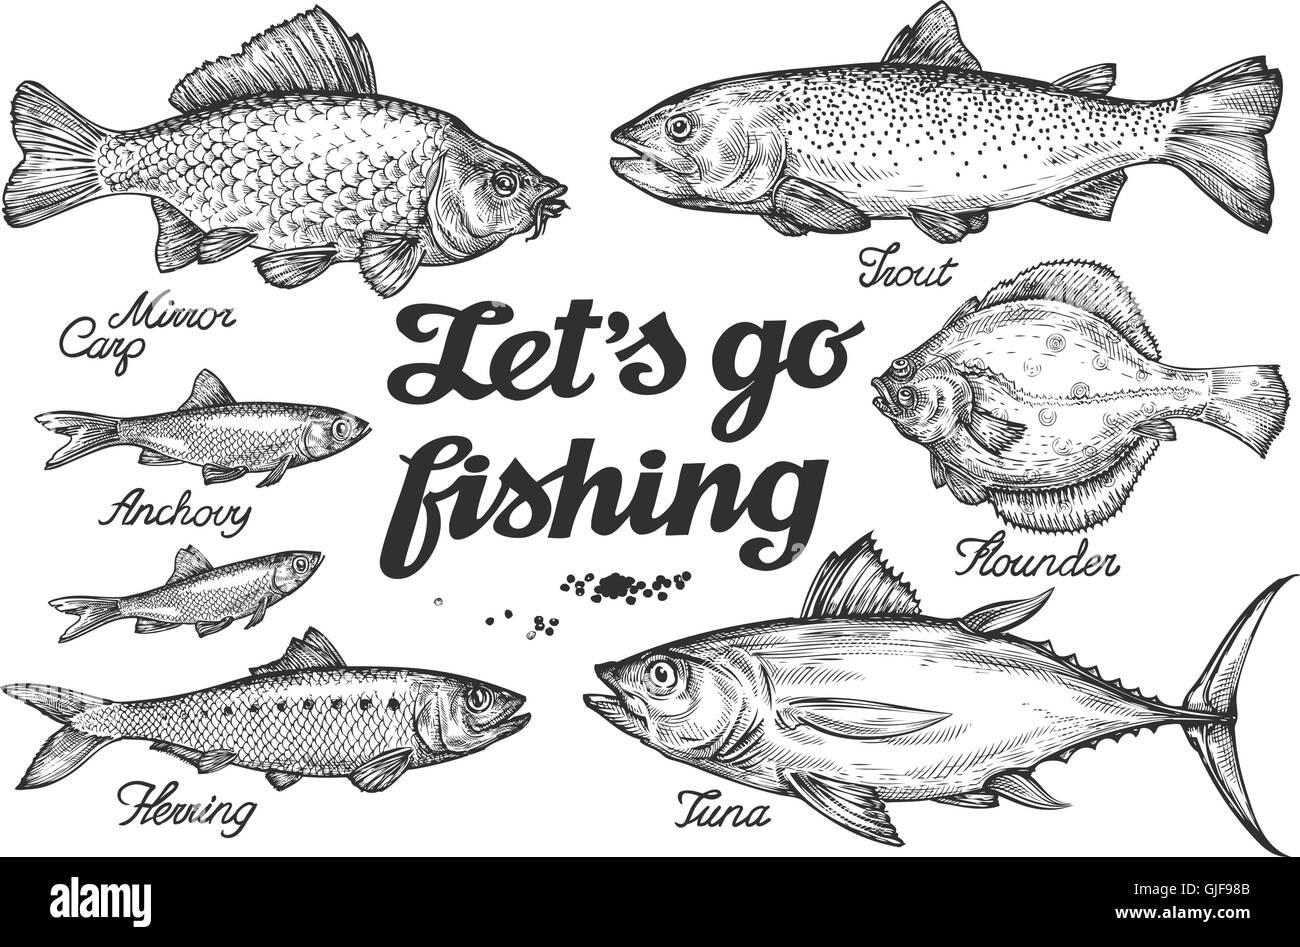 La pesca. Peces vectoriales dibujadas a mano. Boceto trucha, carpa ...